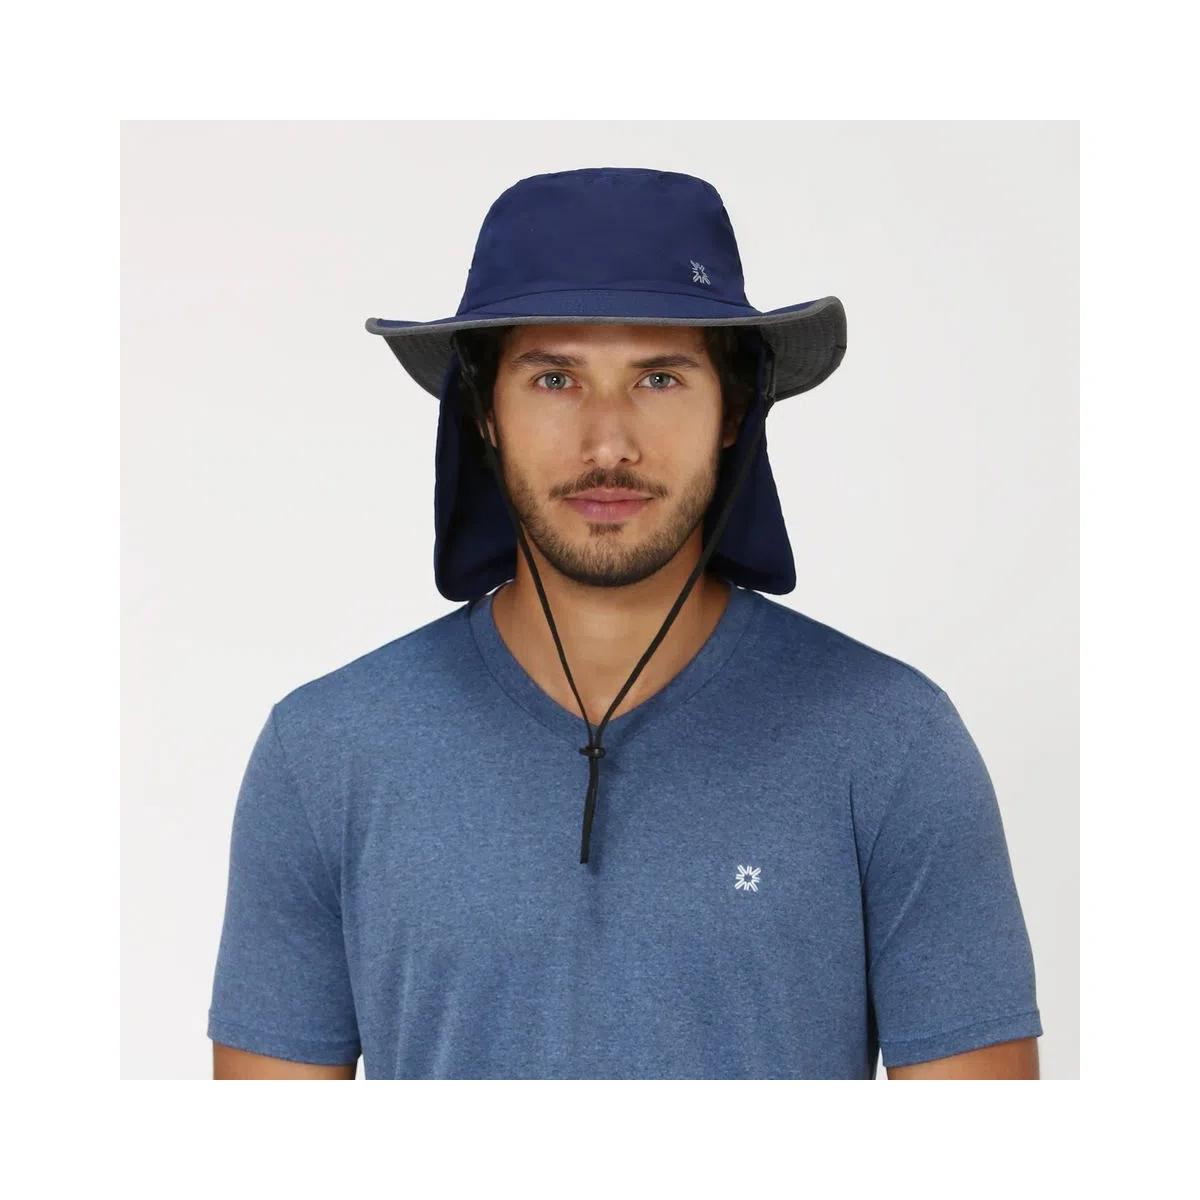 UV LINE Chapéu Kansas Masculino Marinho/Cinza Proteção Solar